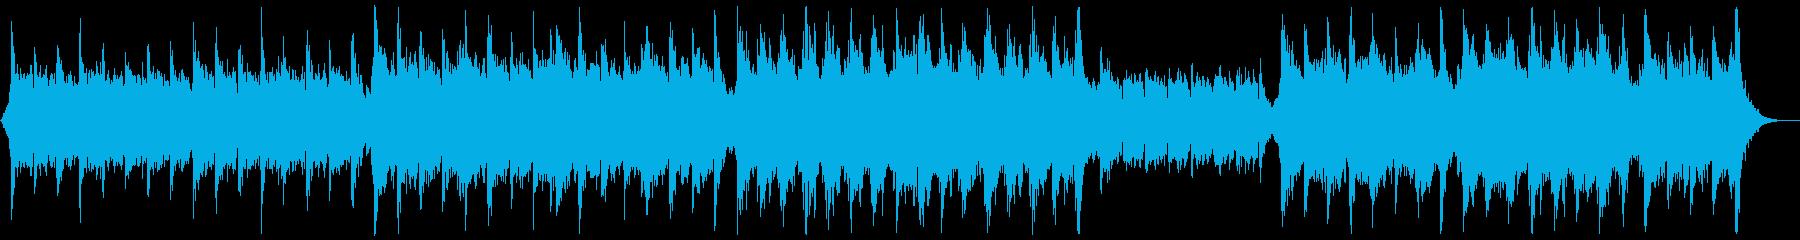 華やかなピアノ&オーケストラ:ブラス抜きの再生済みの波形